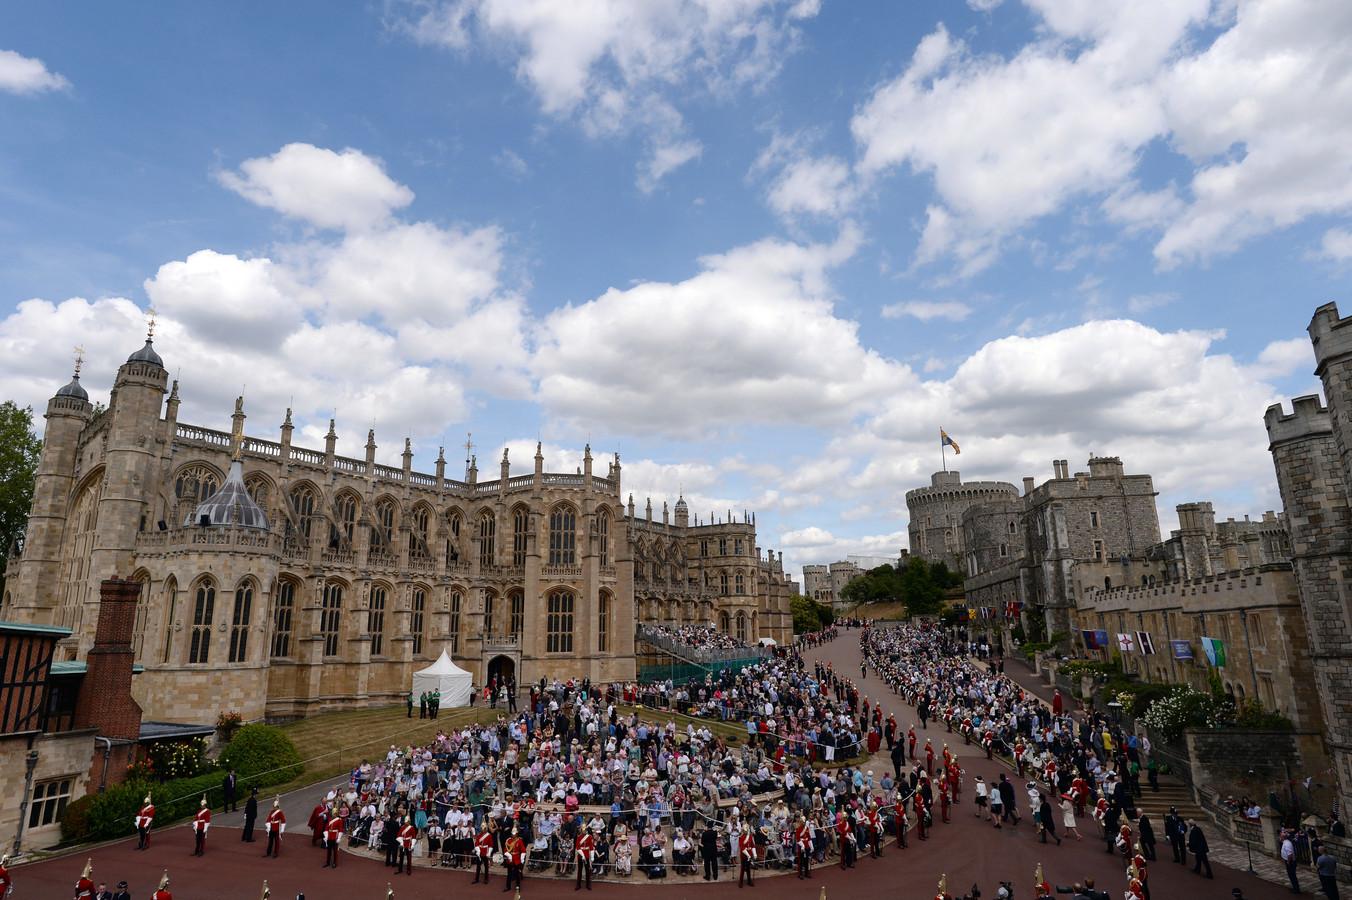 Er is altijd veel publiek die de merkwaardige stoet aan royals wil bekijken.